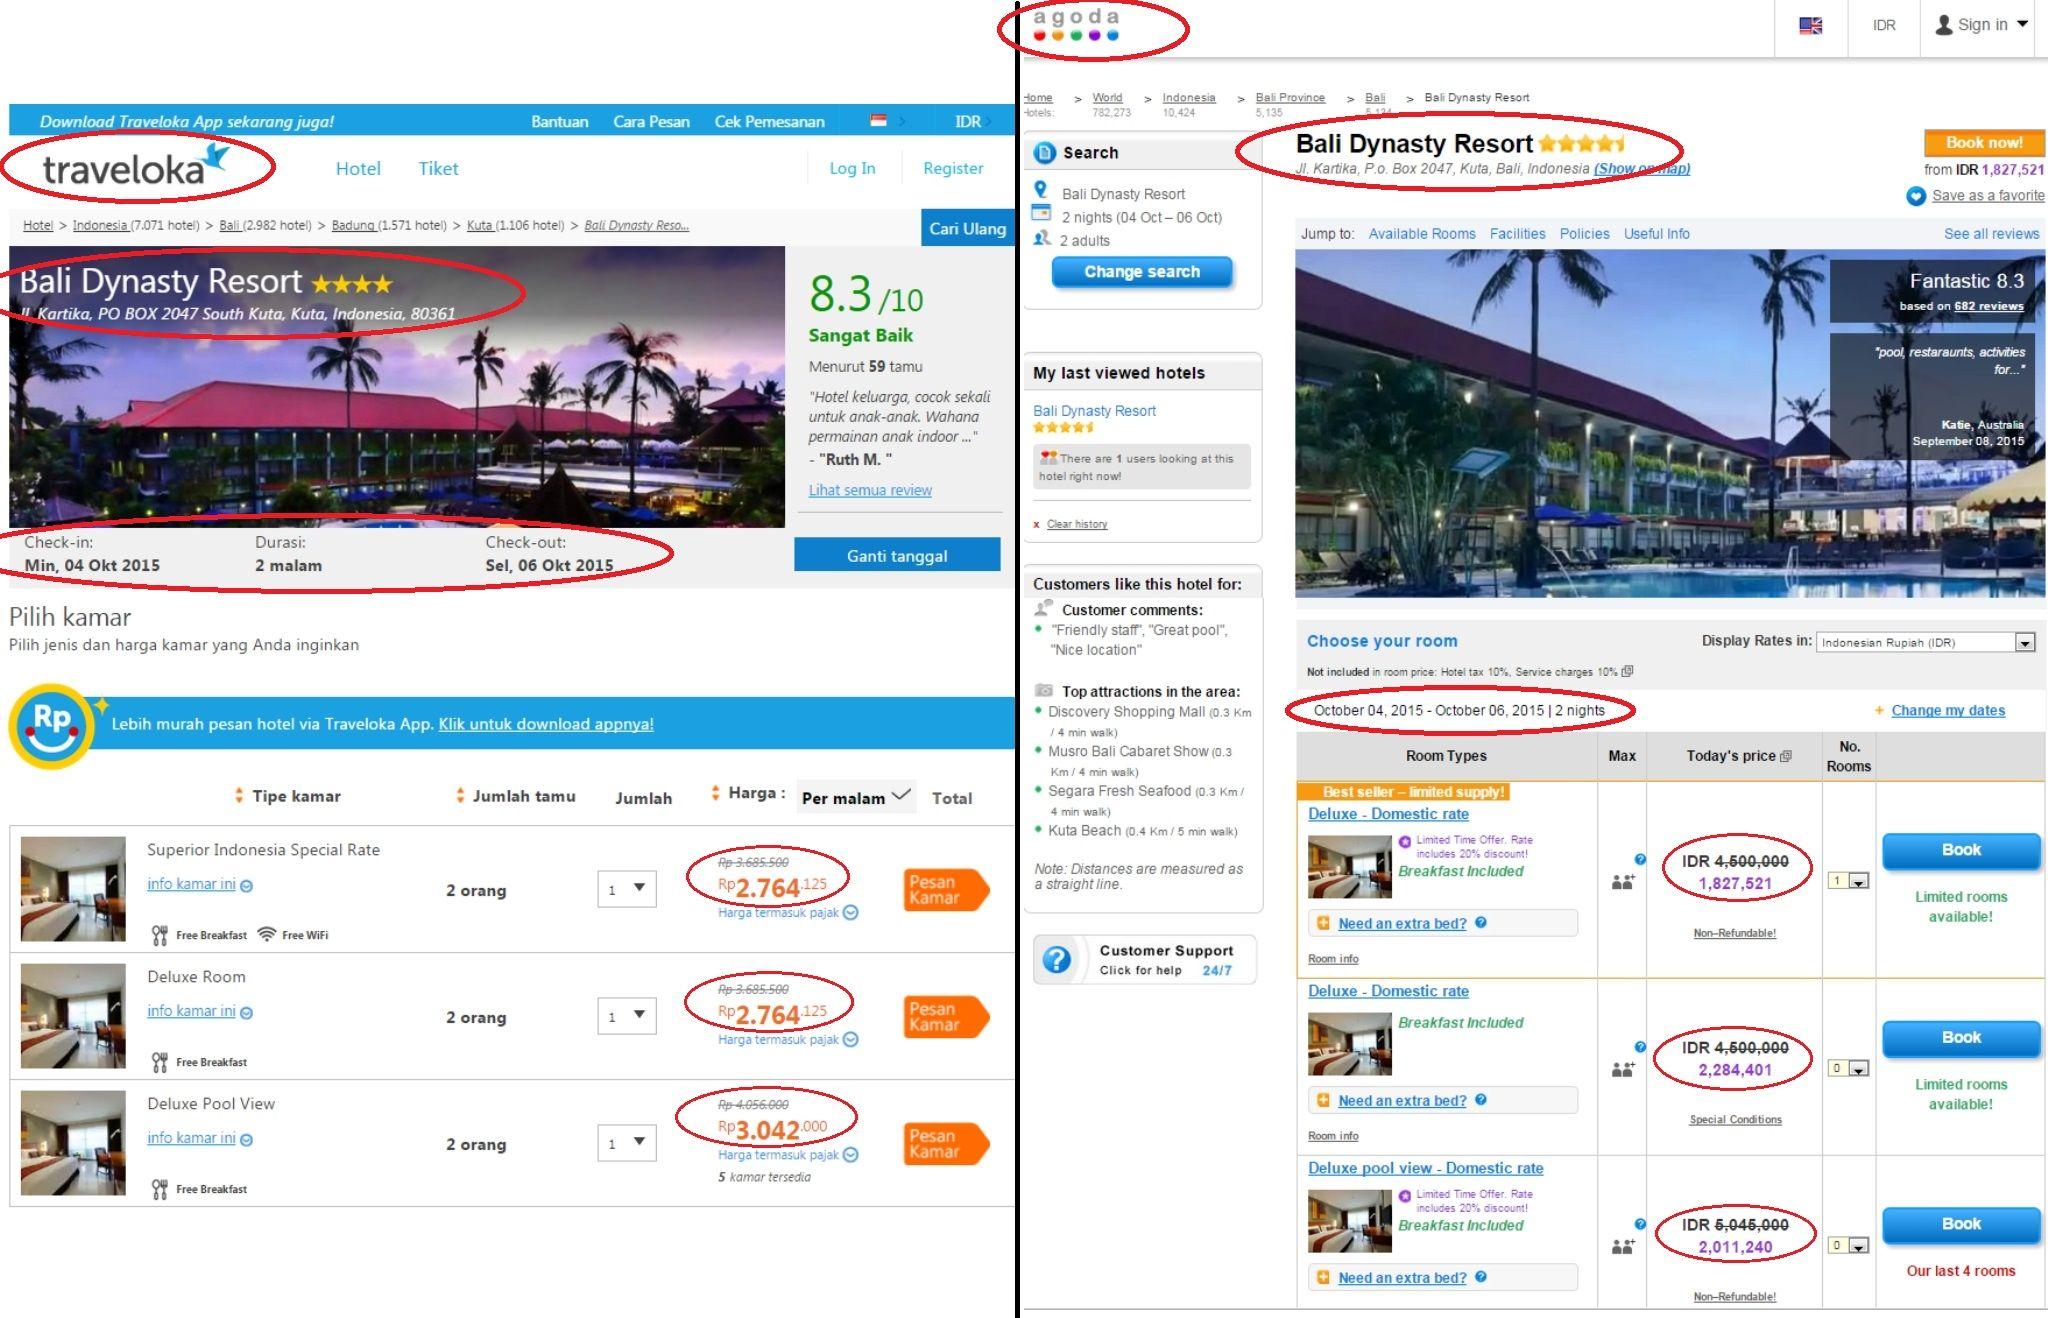 Mana Yang Lebih Murah Harga Boking Hotel Bali Dynasty Resort Kuta